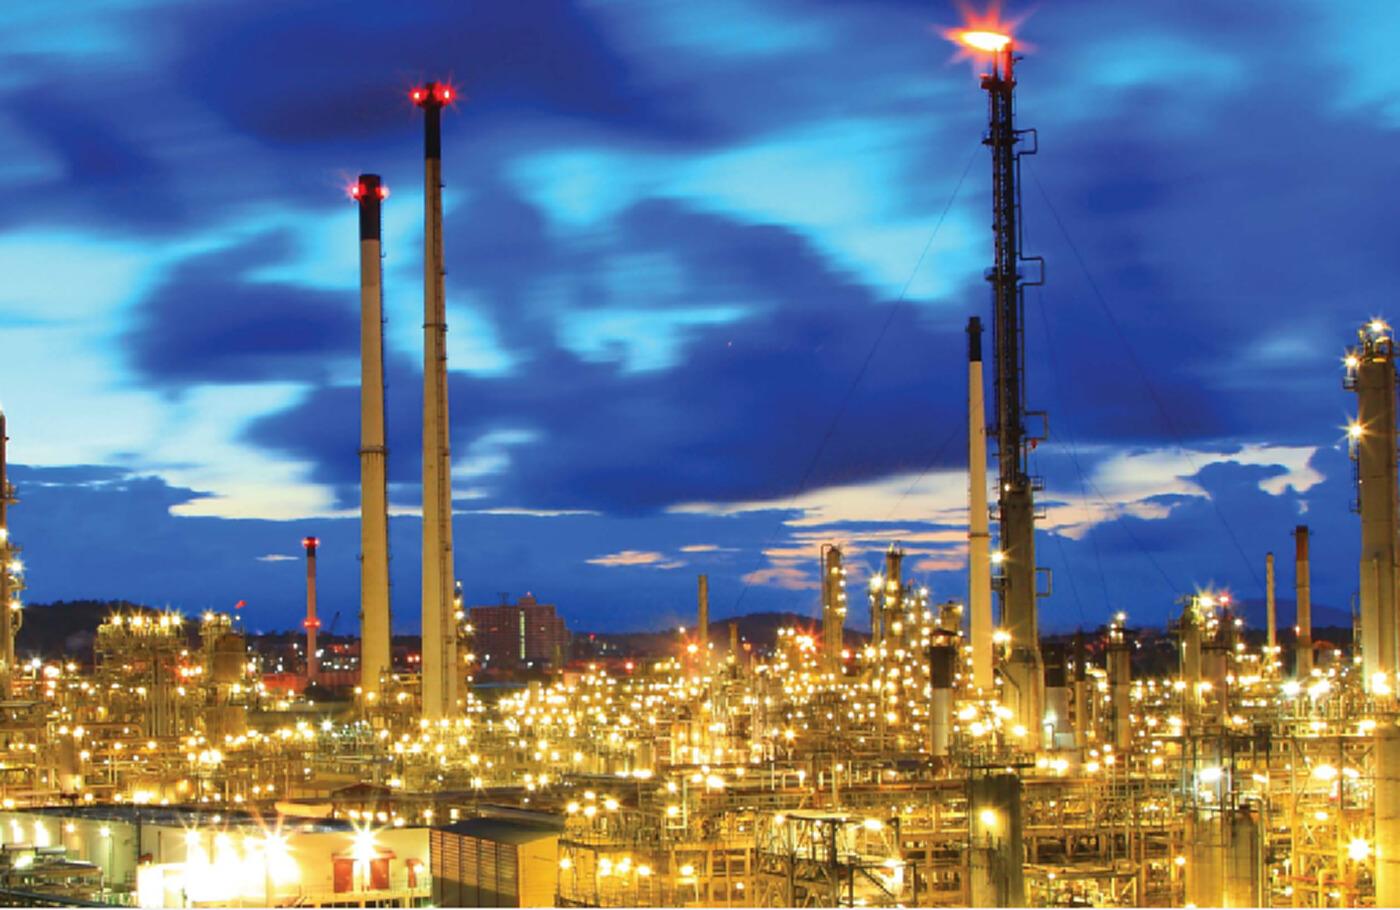 """""""ไทยออยล์"""" เร่งลดปล่อยก๊าซเรือนกระจก หนุนการพัฒนายั่งยืน"""